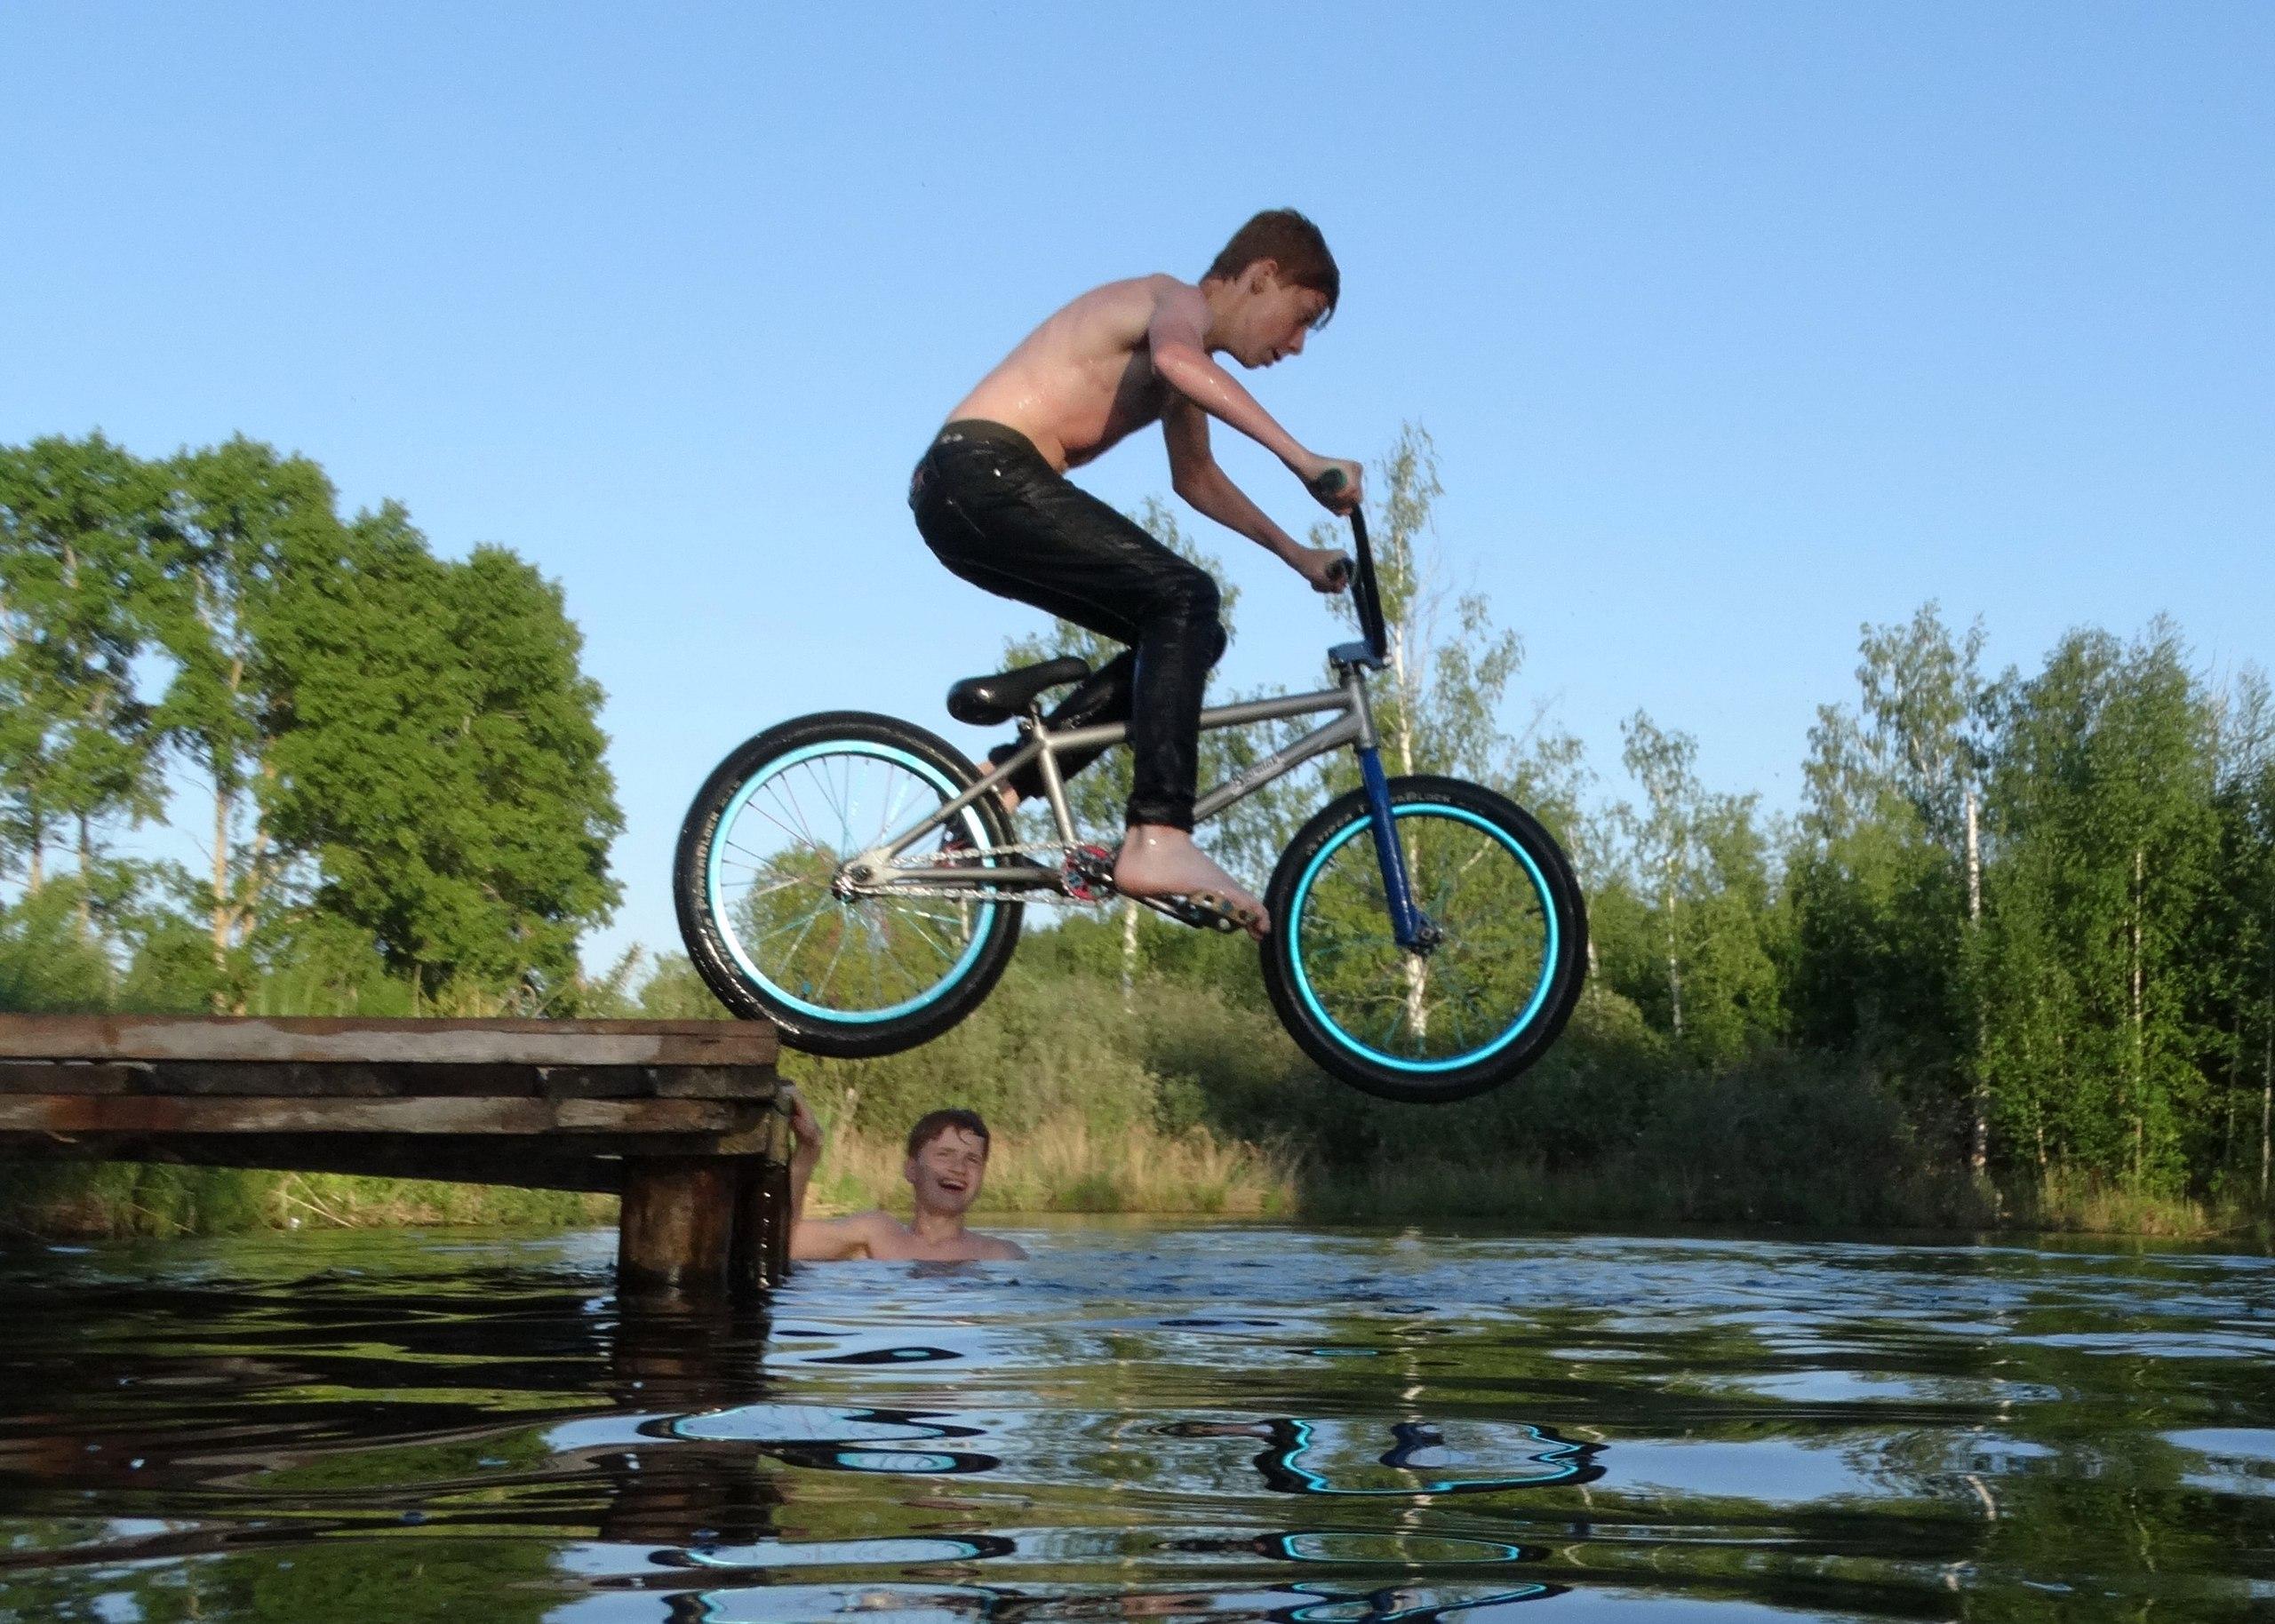 Александр Апатов: Трюки с катанием и нырянием на велосипедах